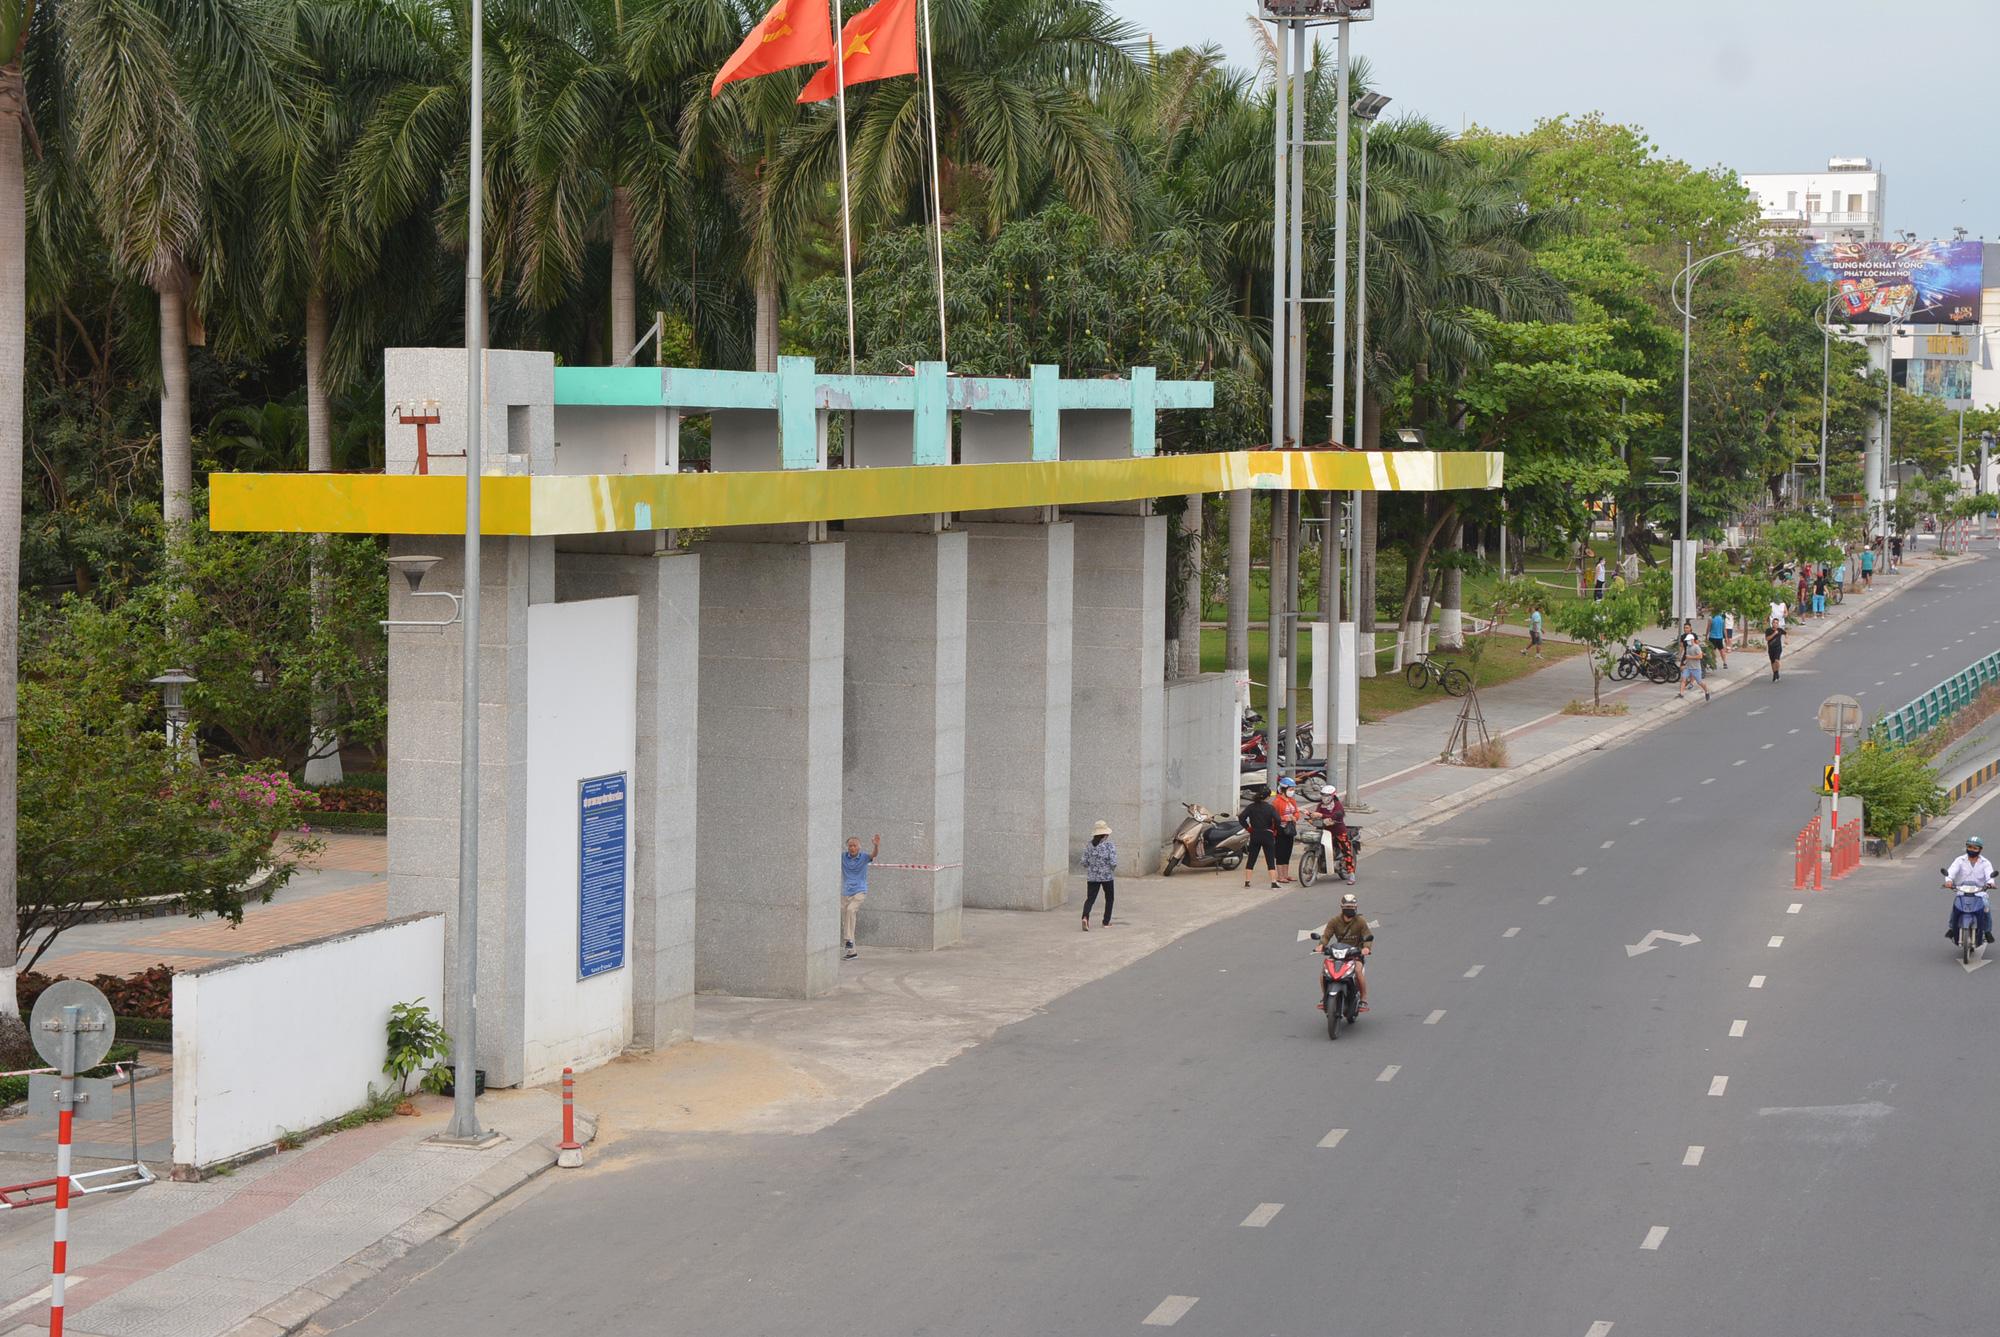 Người Đà Nẵng ra đường đông như không có cách li xã hội - Ảnh 3.